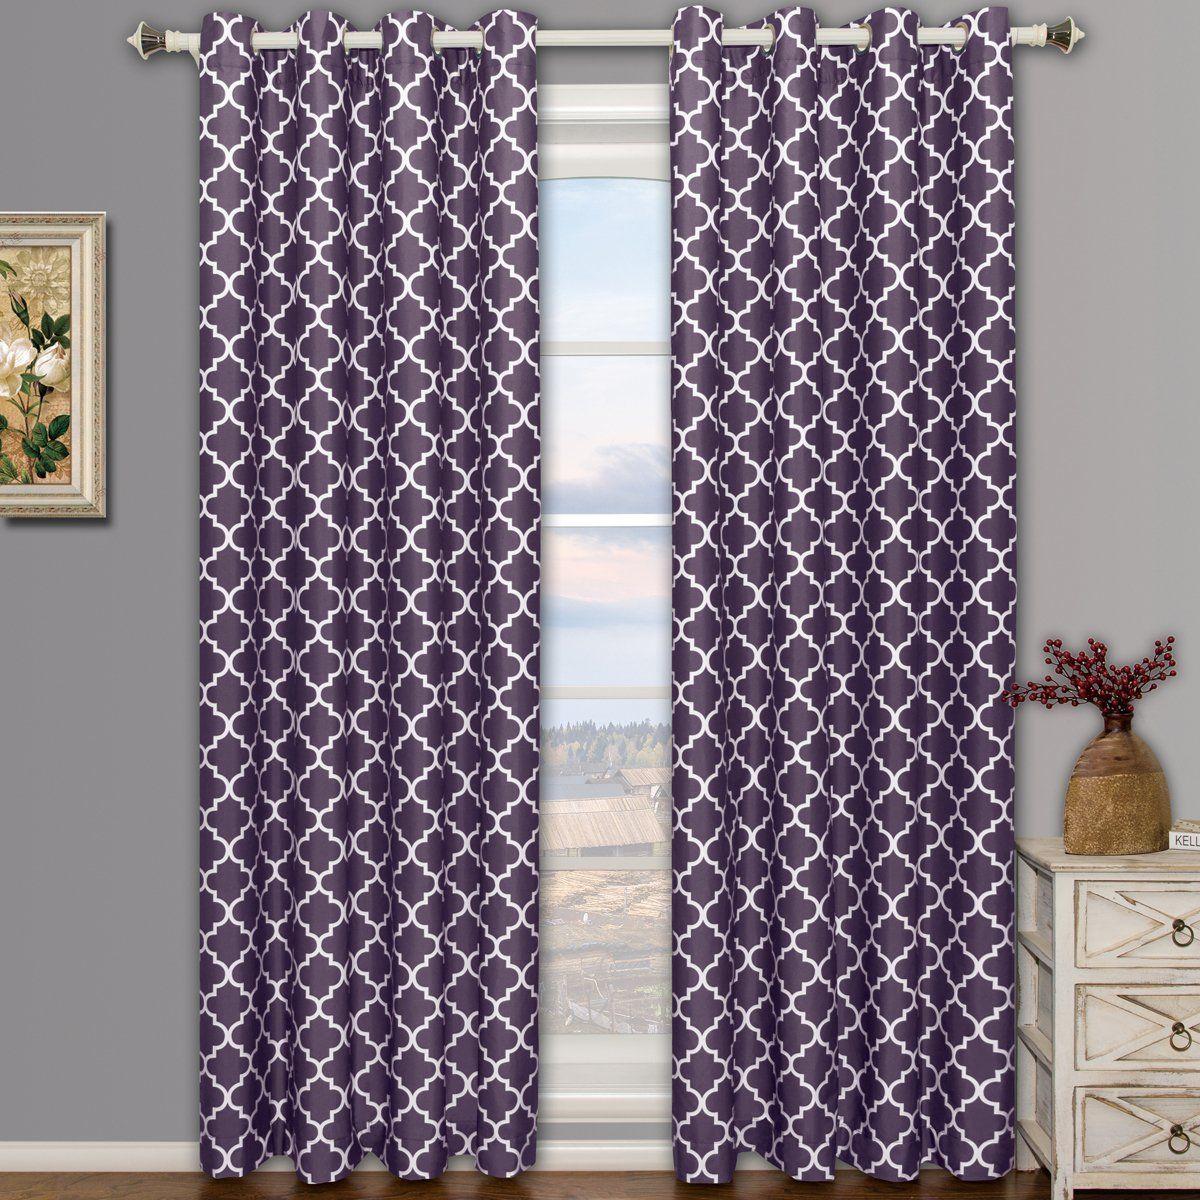 Meridian purple grommet room darkening window curtain panels pair